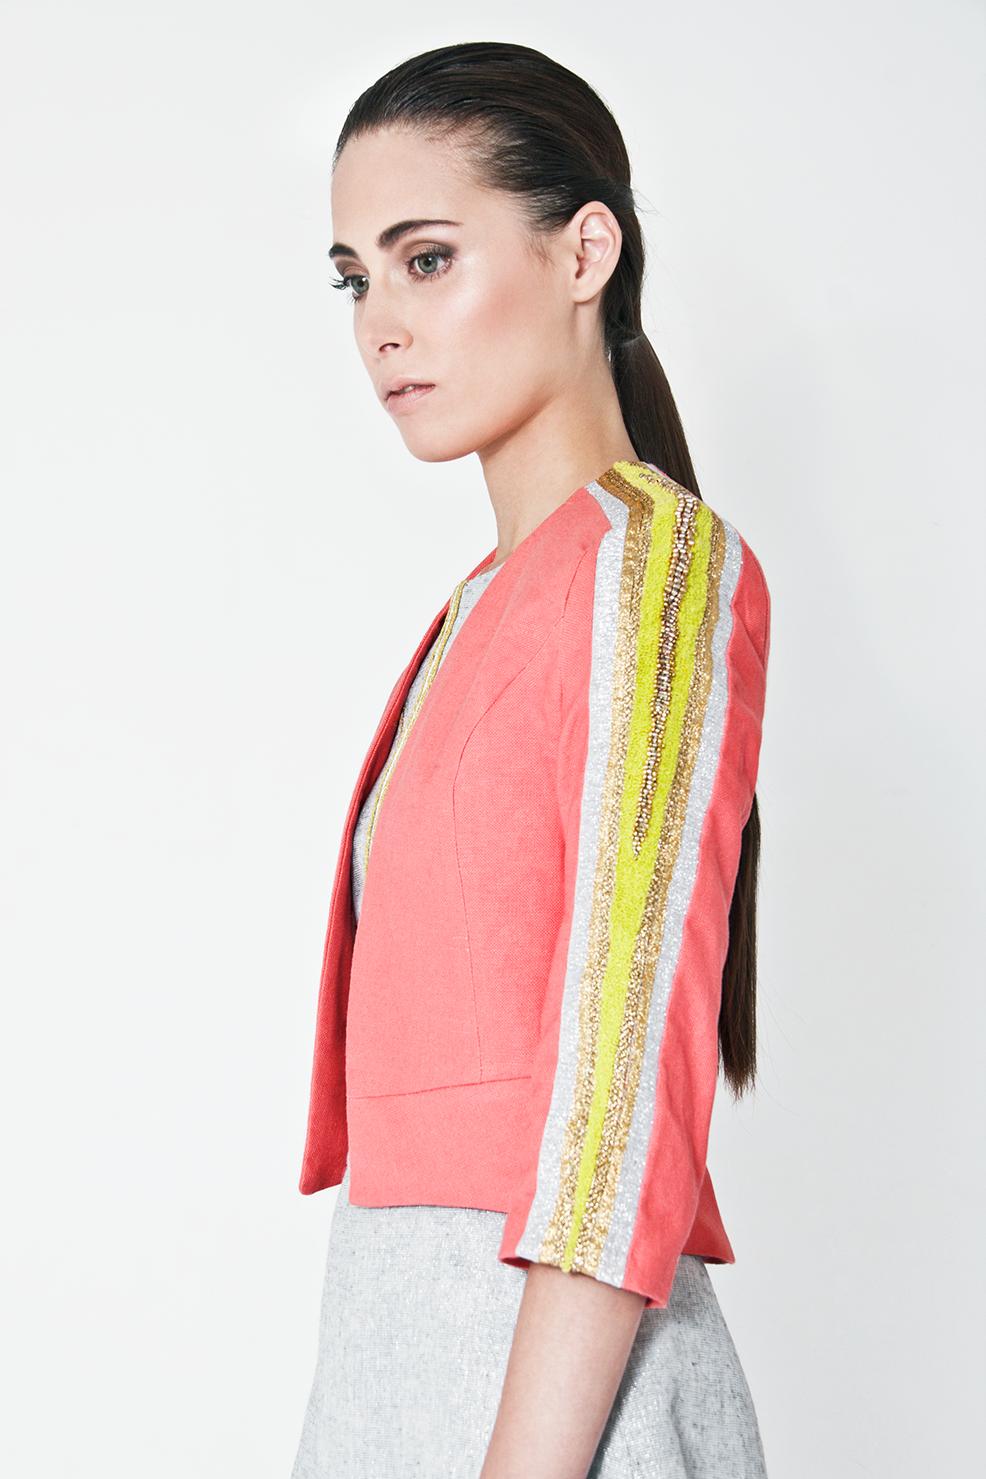 Piti Chevasco, la línea de Daniela Soto Chevasco, egresada de Diseño de Vestuario Duoc UC